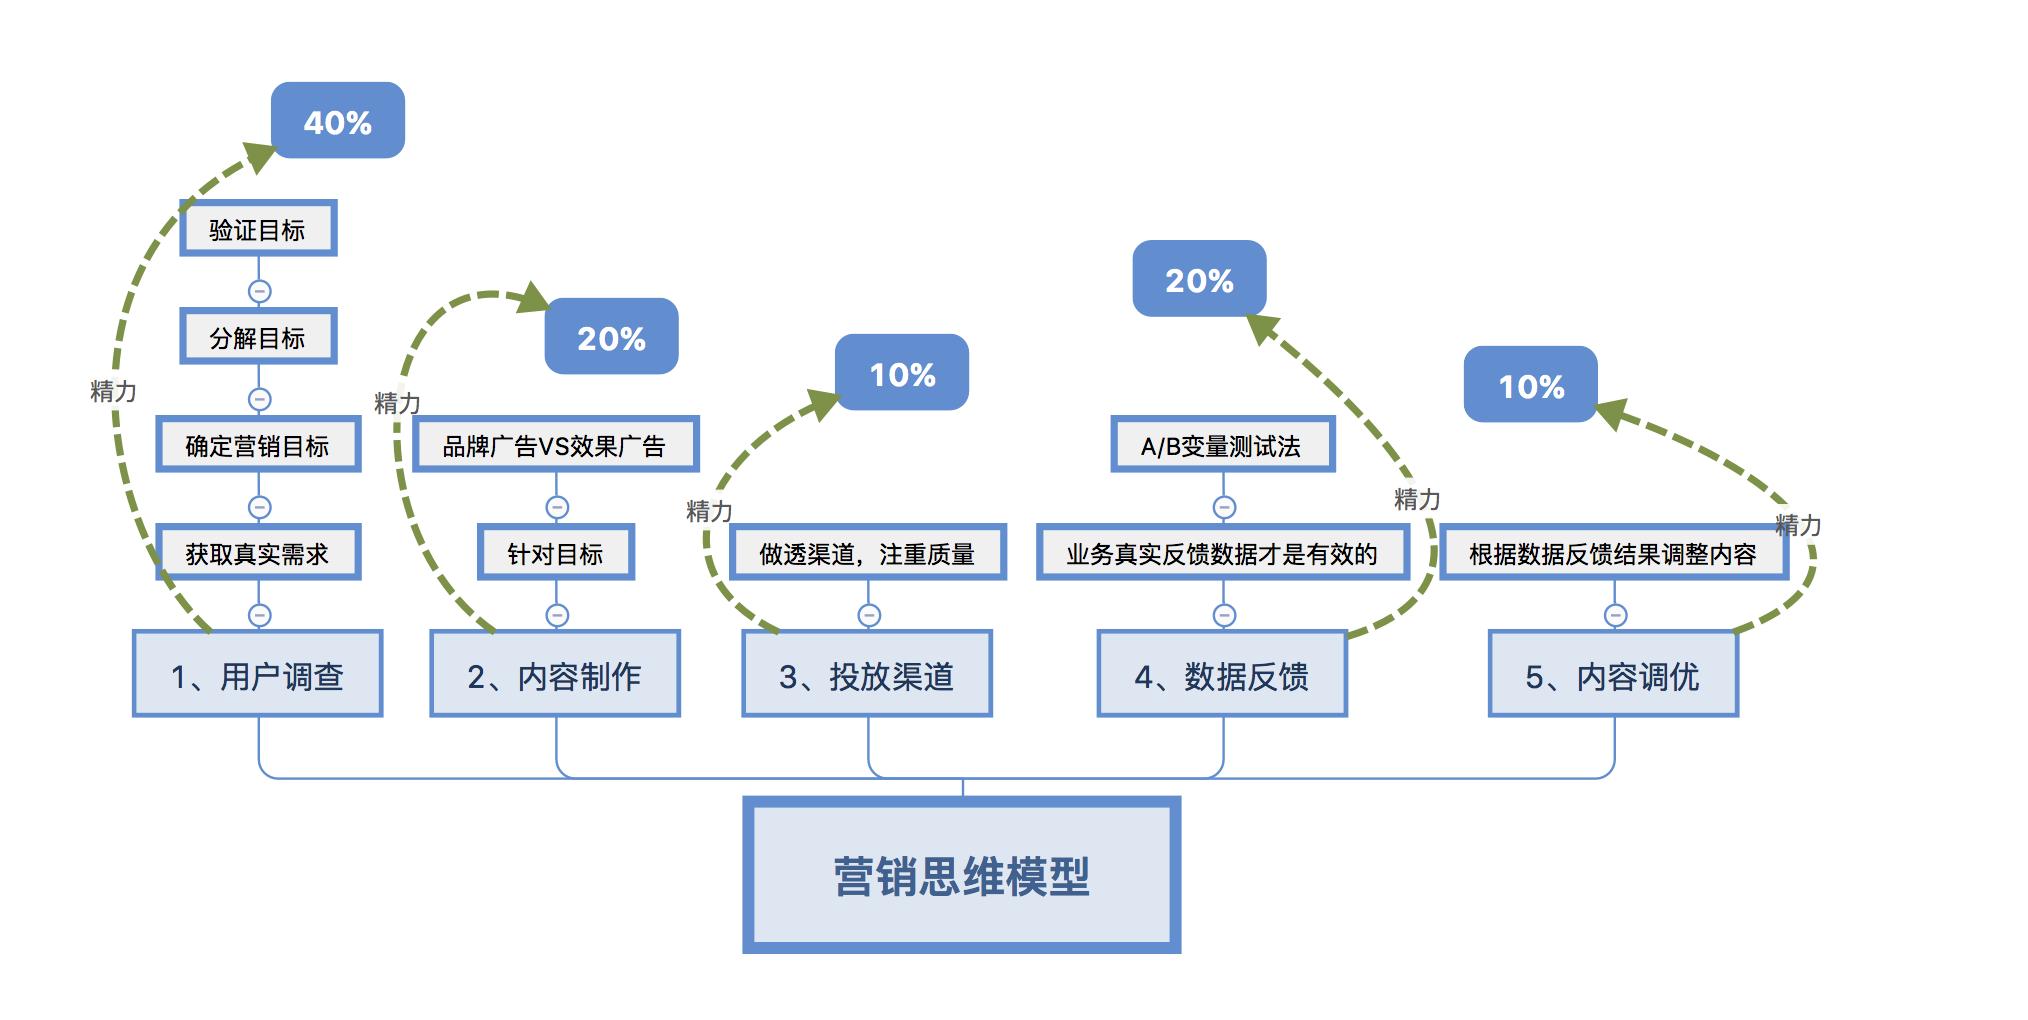 营销思维模型.png